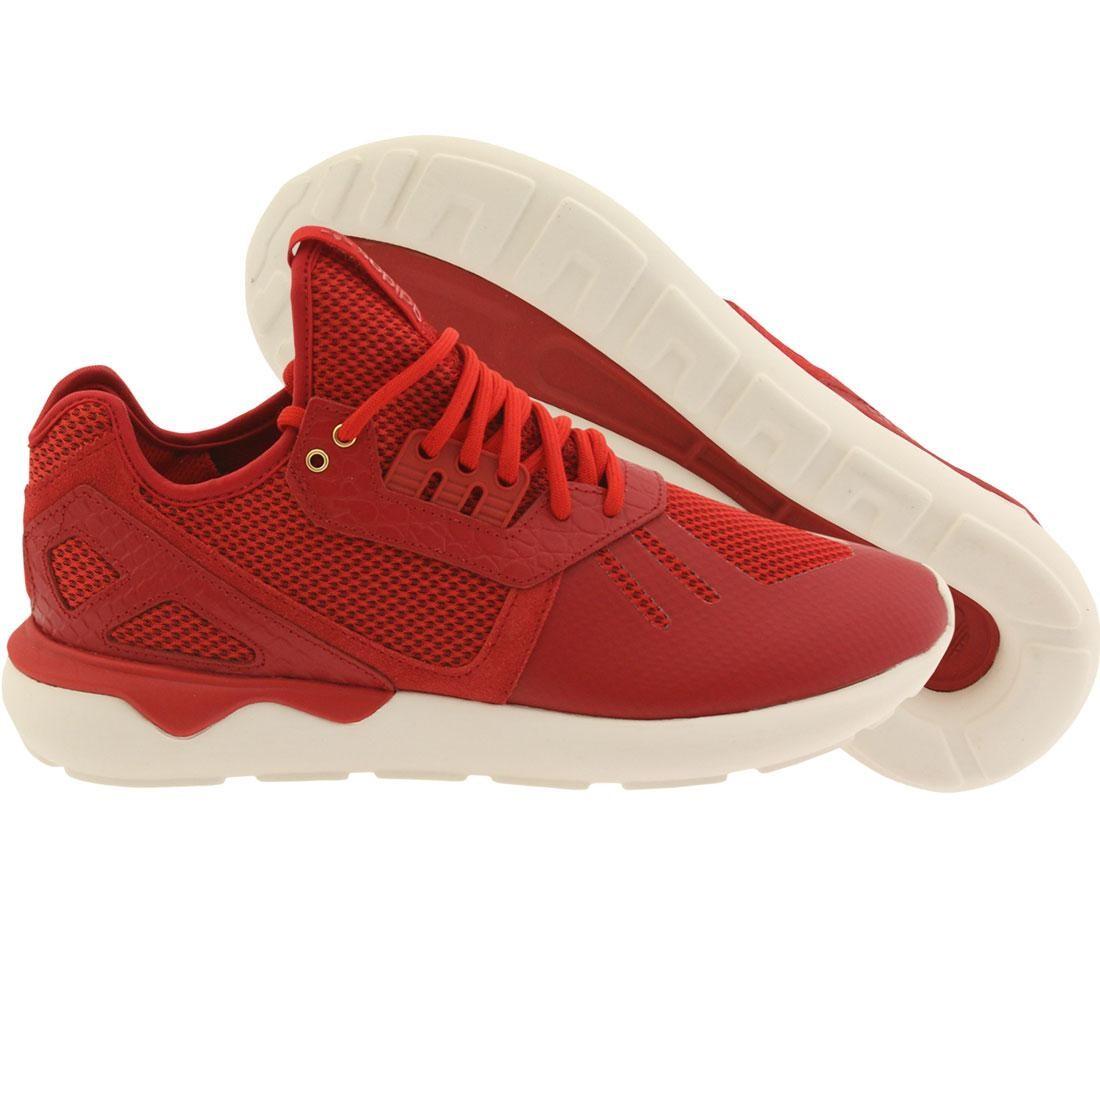 【海外限定】アディダス パワー 赤 レッド メンズ靴 スニーカー 【 ADIDAS POWER RED MEN TUBULAR RUNNER CNY GOLD METALLIC 】